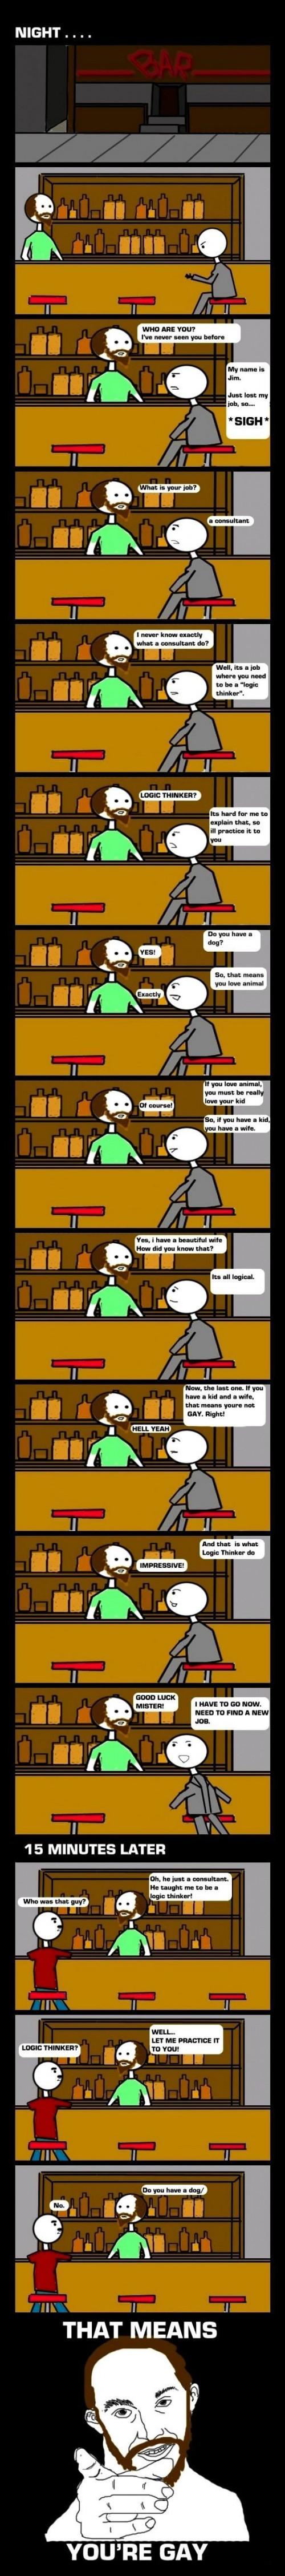 hornoxe.com_picdump207_097